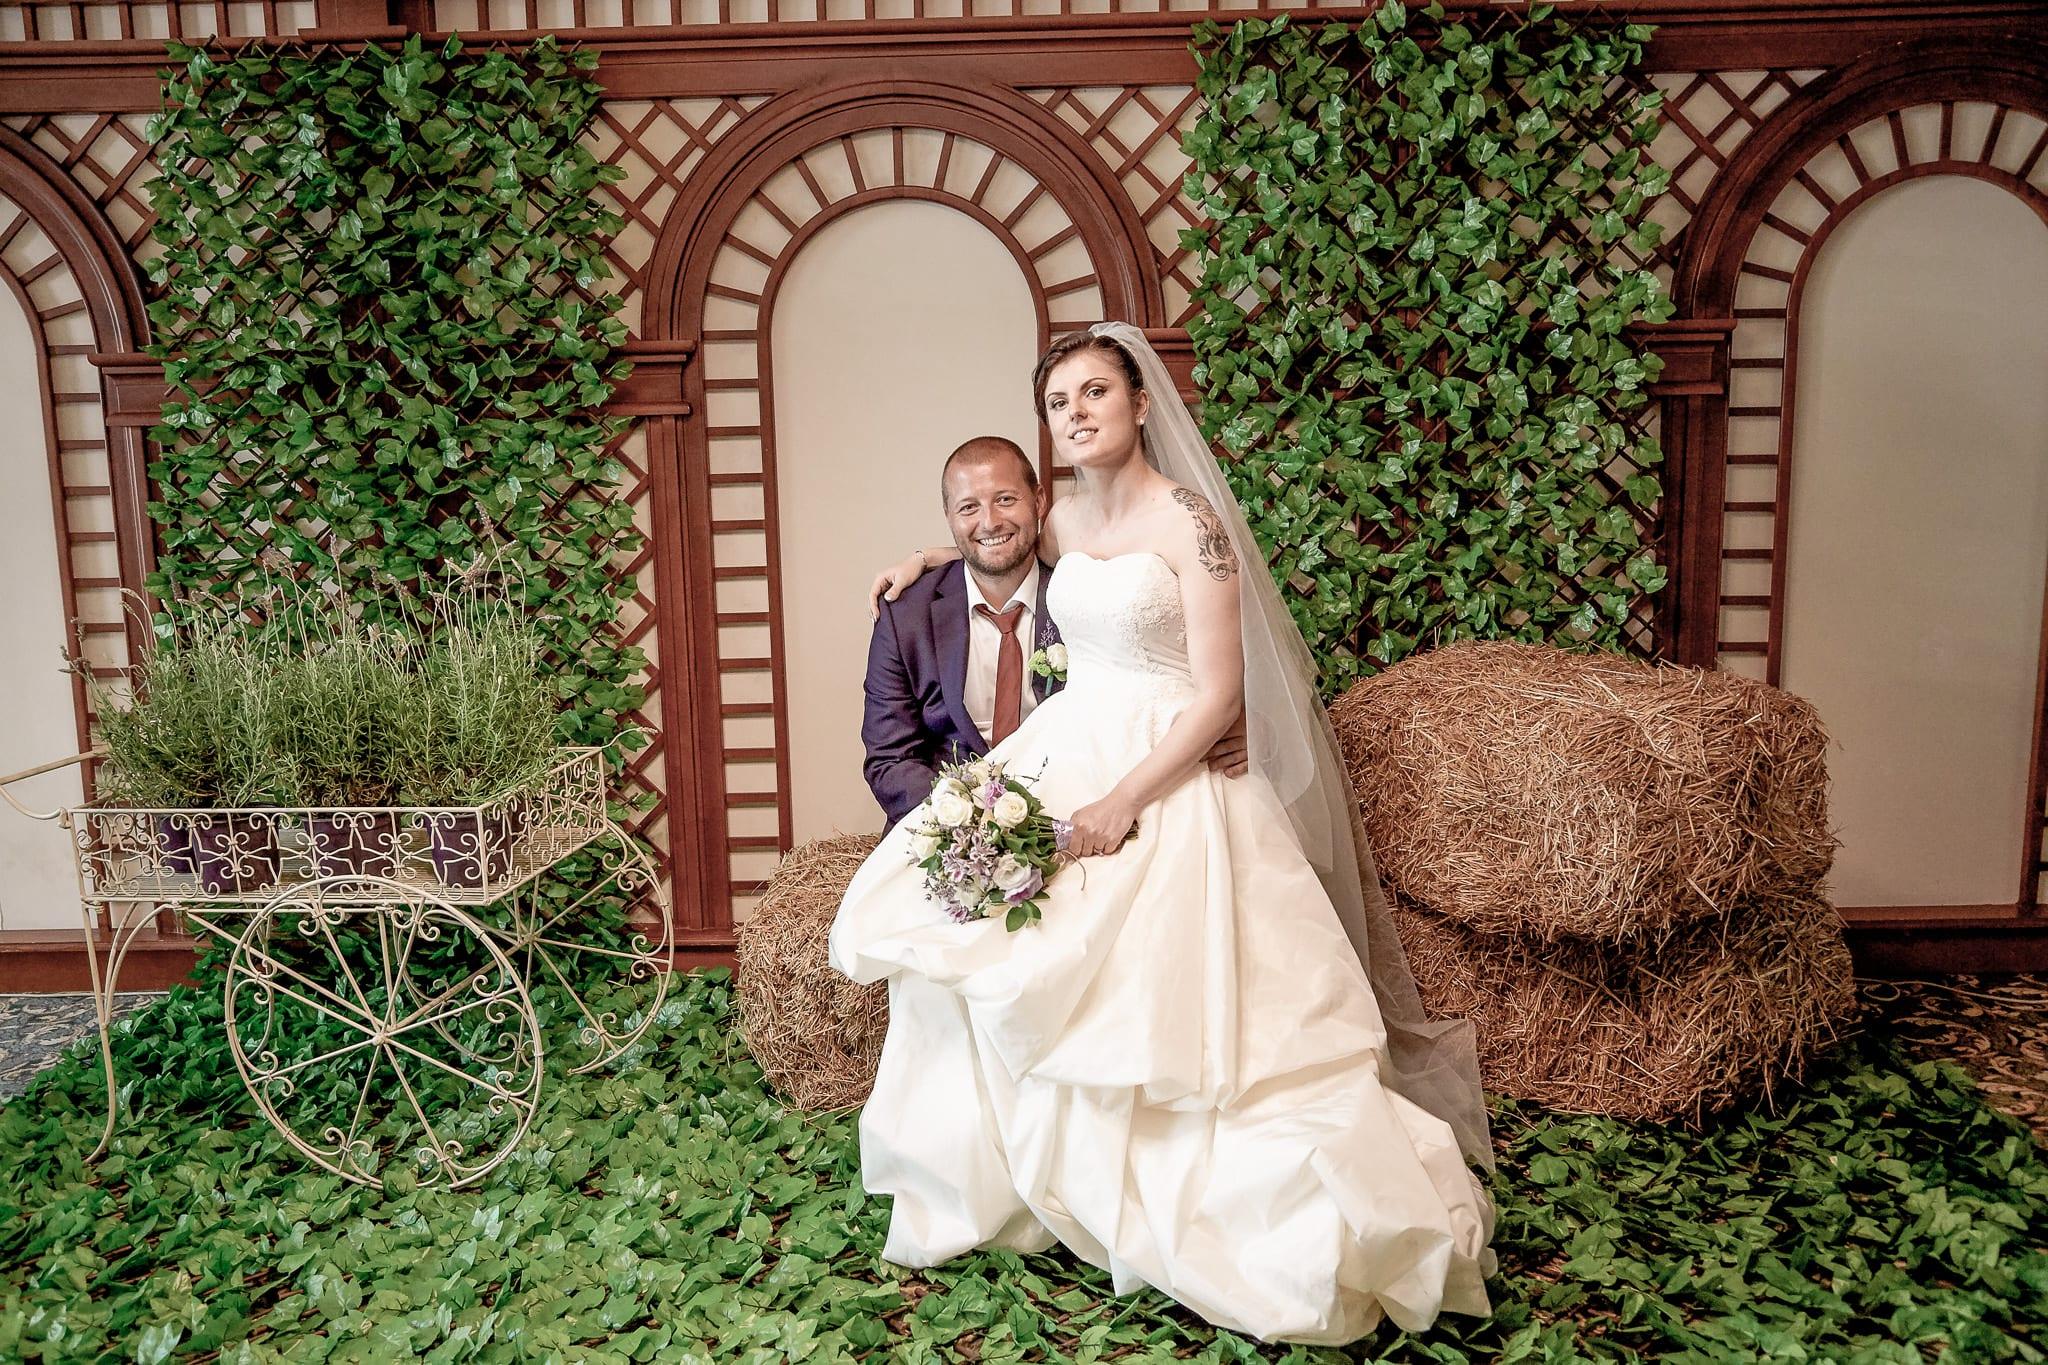 сватба в  провански френски стил, декорация на сватбена агенция Приказен ден, сватбен агент Мариела Уилсън